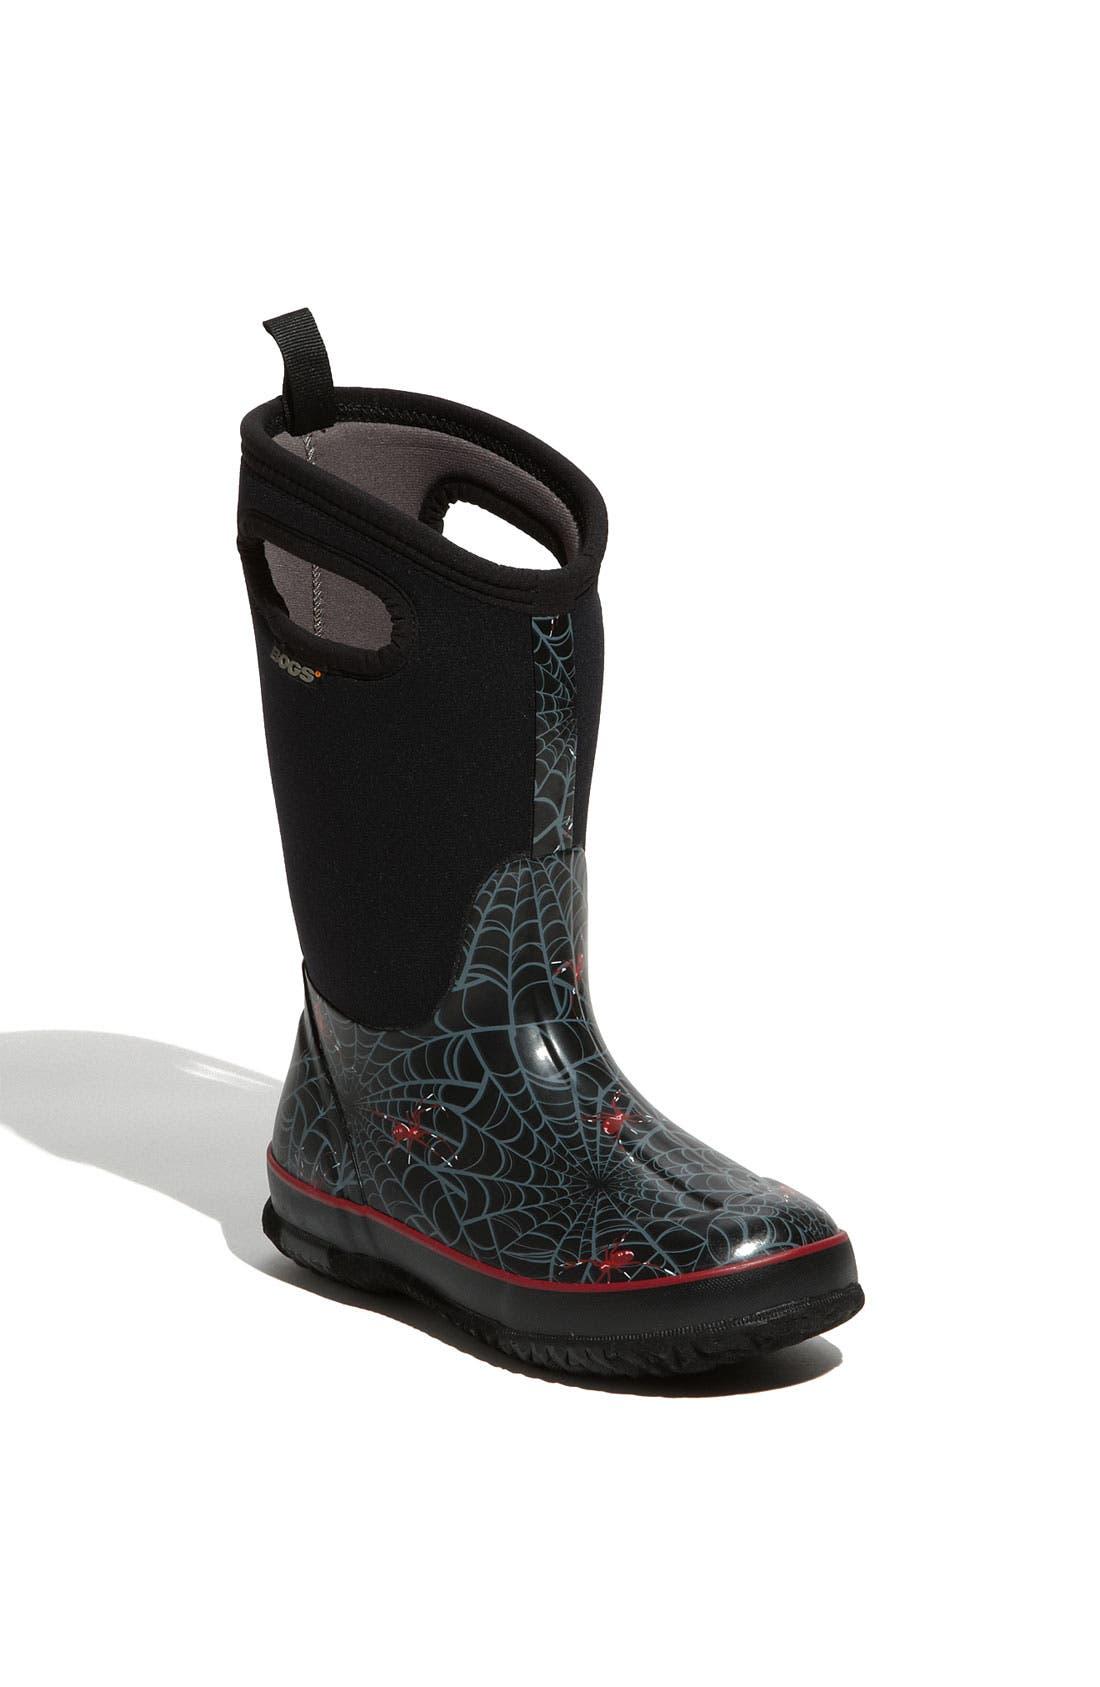 Alternate Image 1 Selected - Bogs 'Classic High' Waterproof Boot (Walker, Toddler, Little Kid & Big Kid)